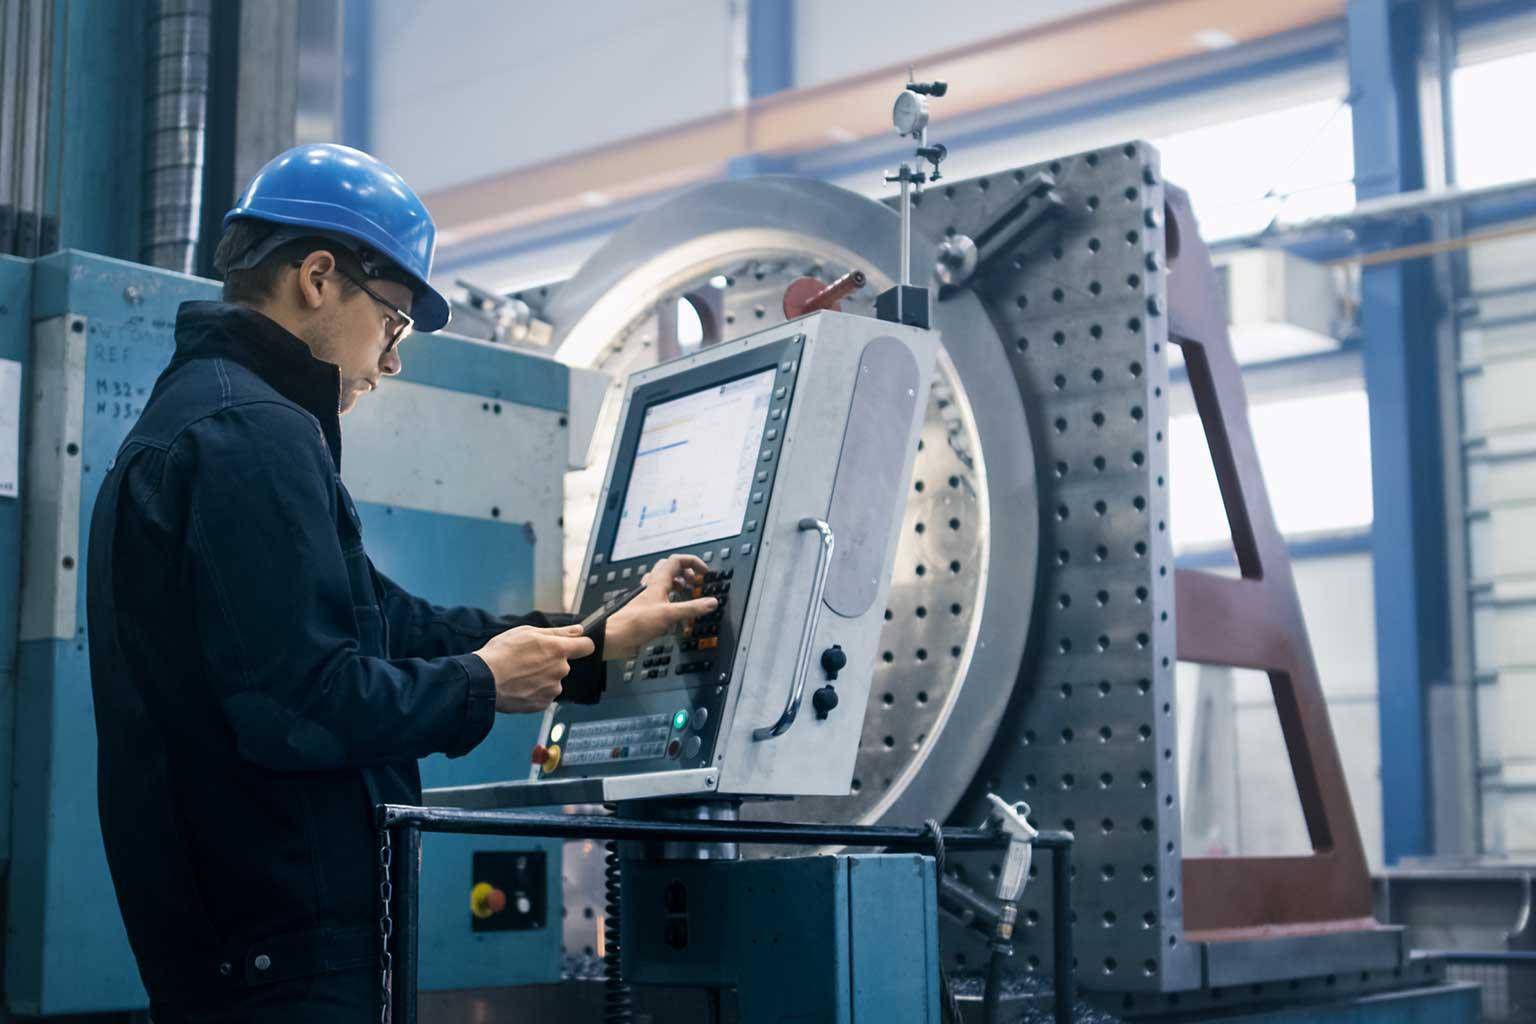 Operatore con elmetto blu che misura una parte rotonda di grandi dimensioni con una CMM tradizionale a contatto